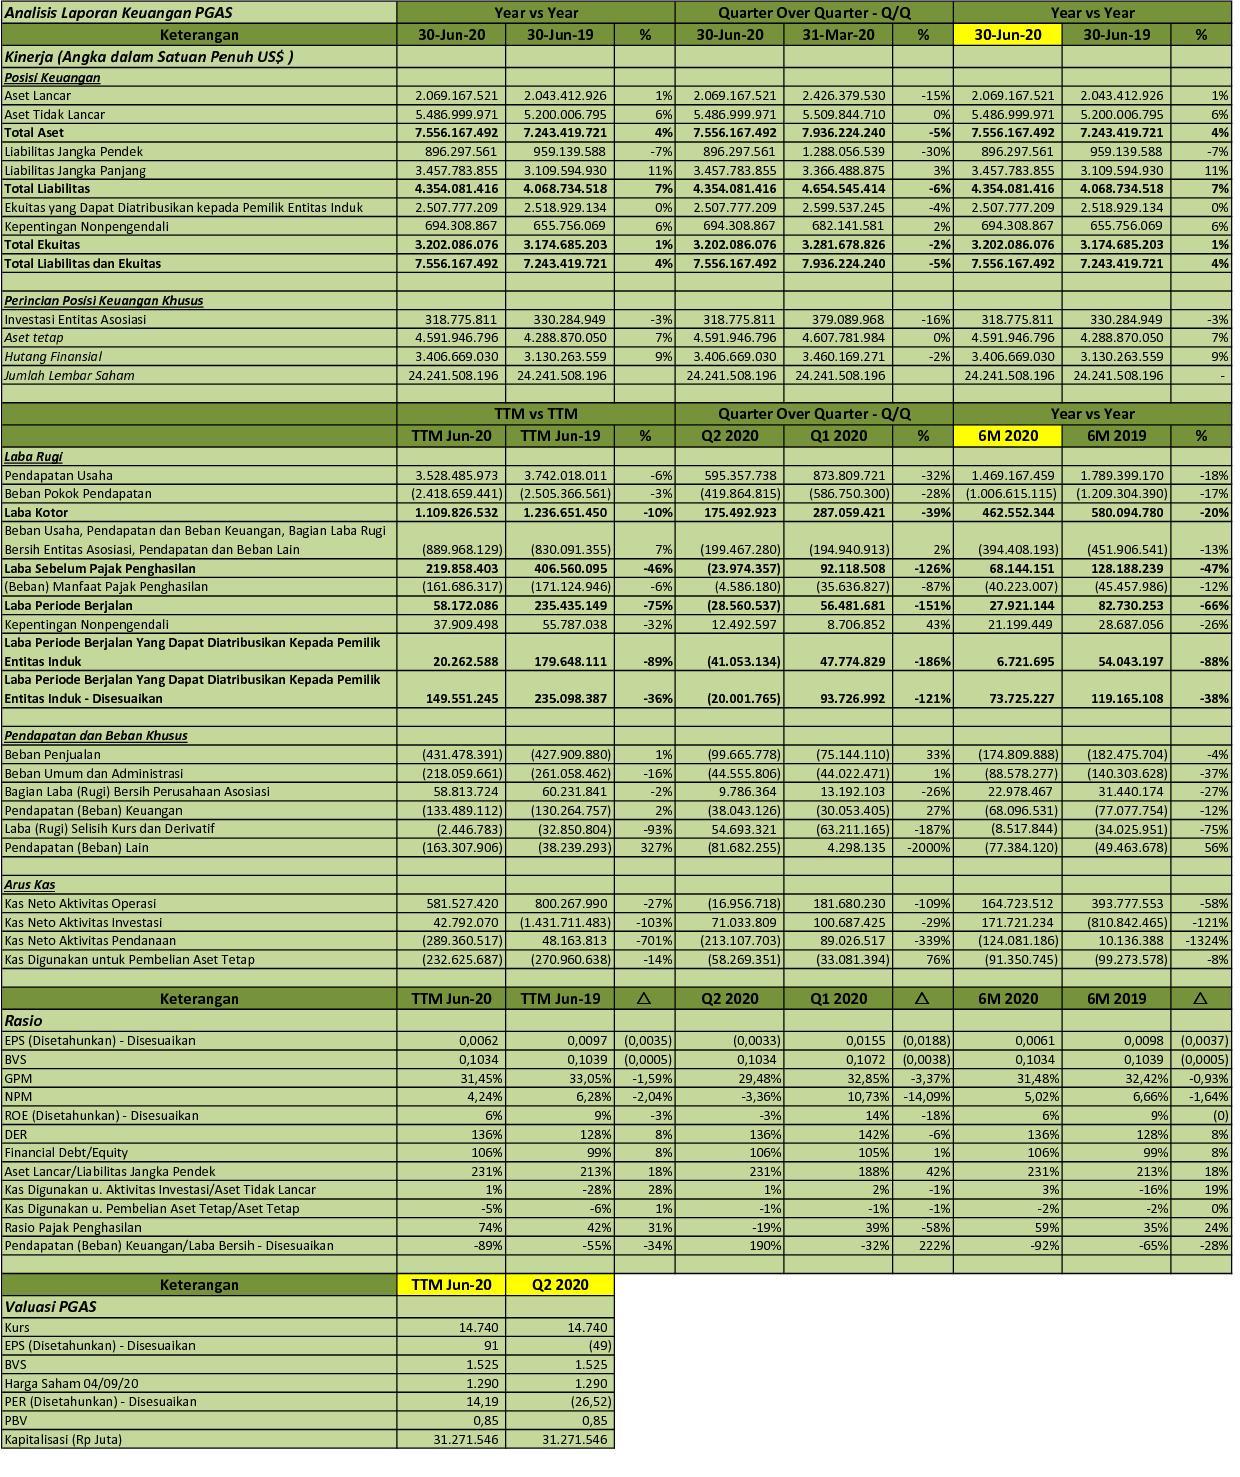 Idx Investor Pgas Q2 2020 Perusahaan Gas Negara Tbk Analisis Laporan Keuangan